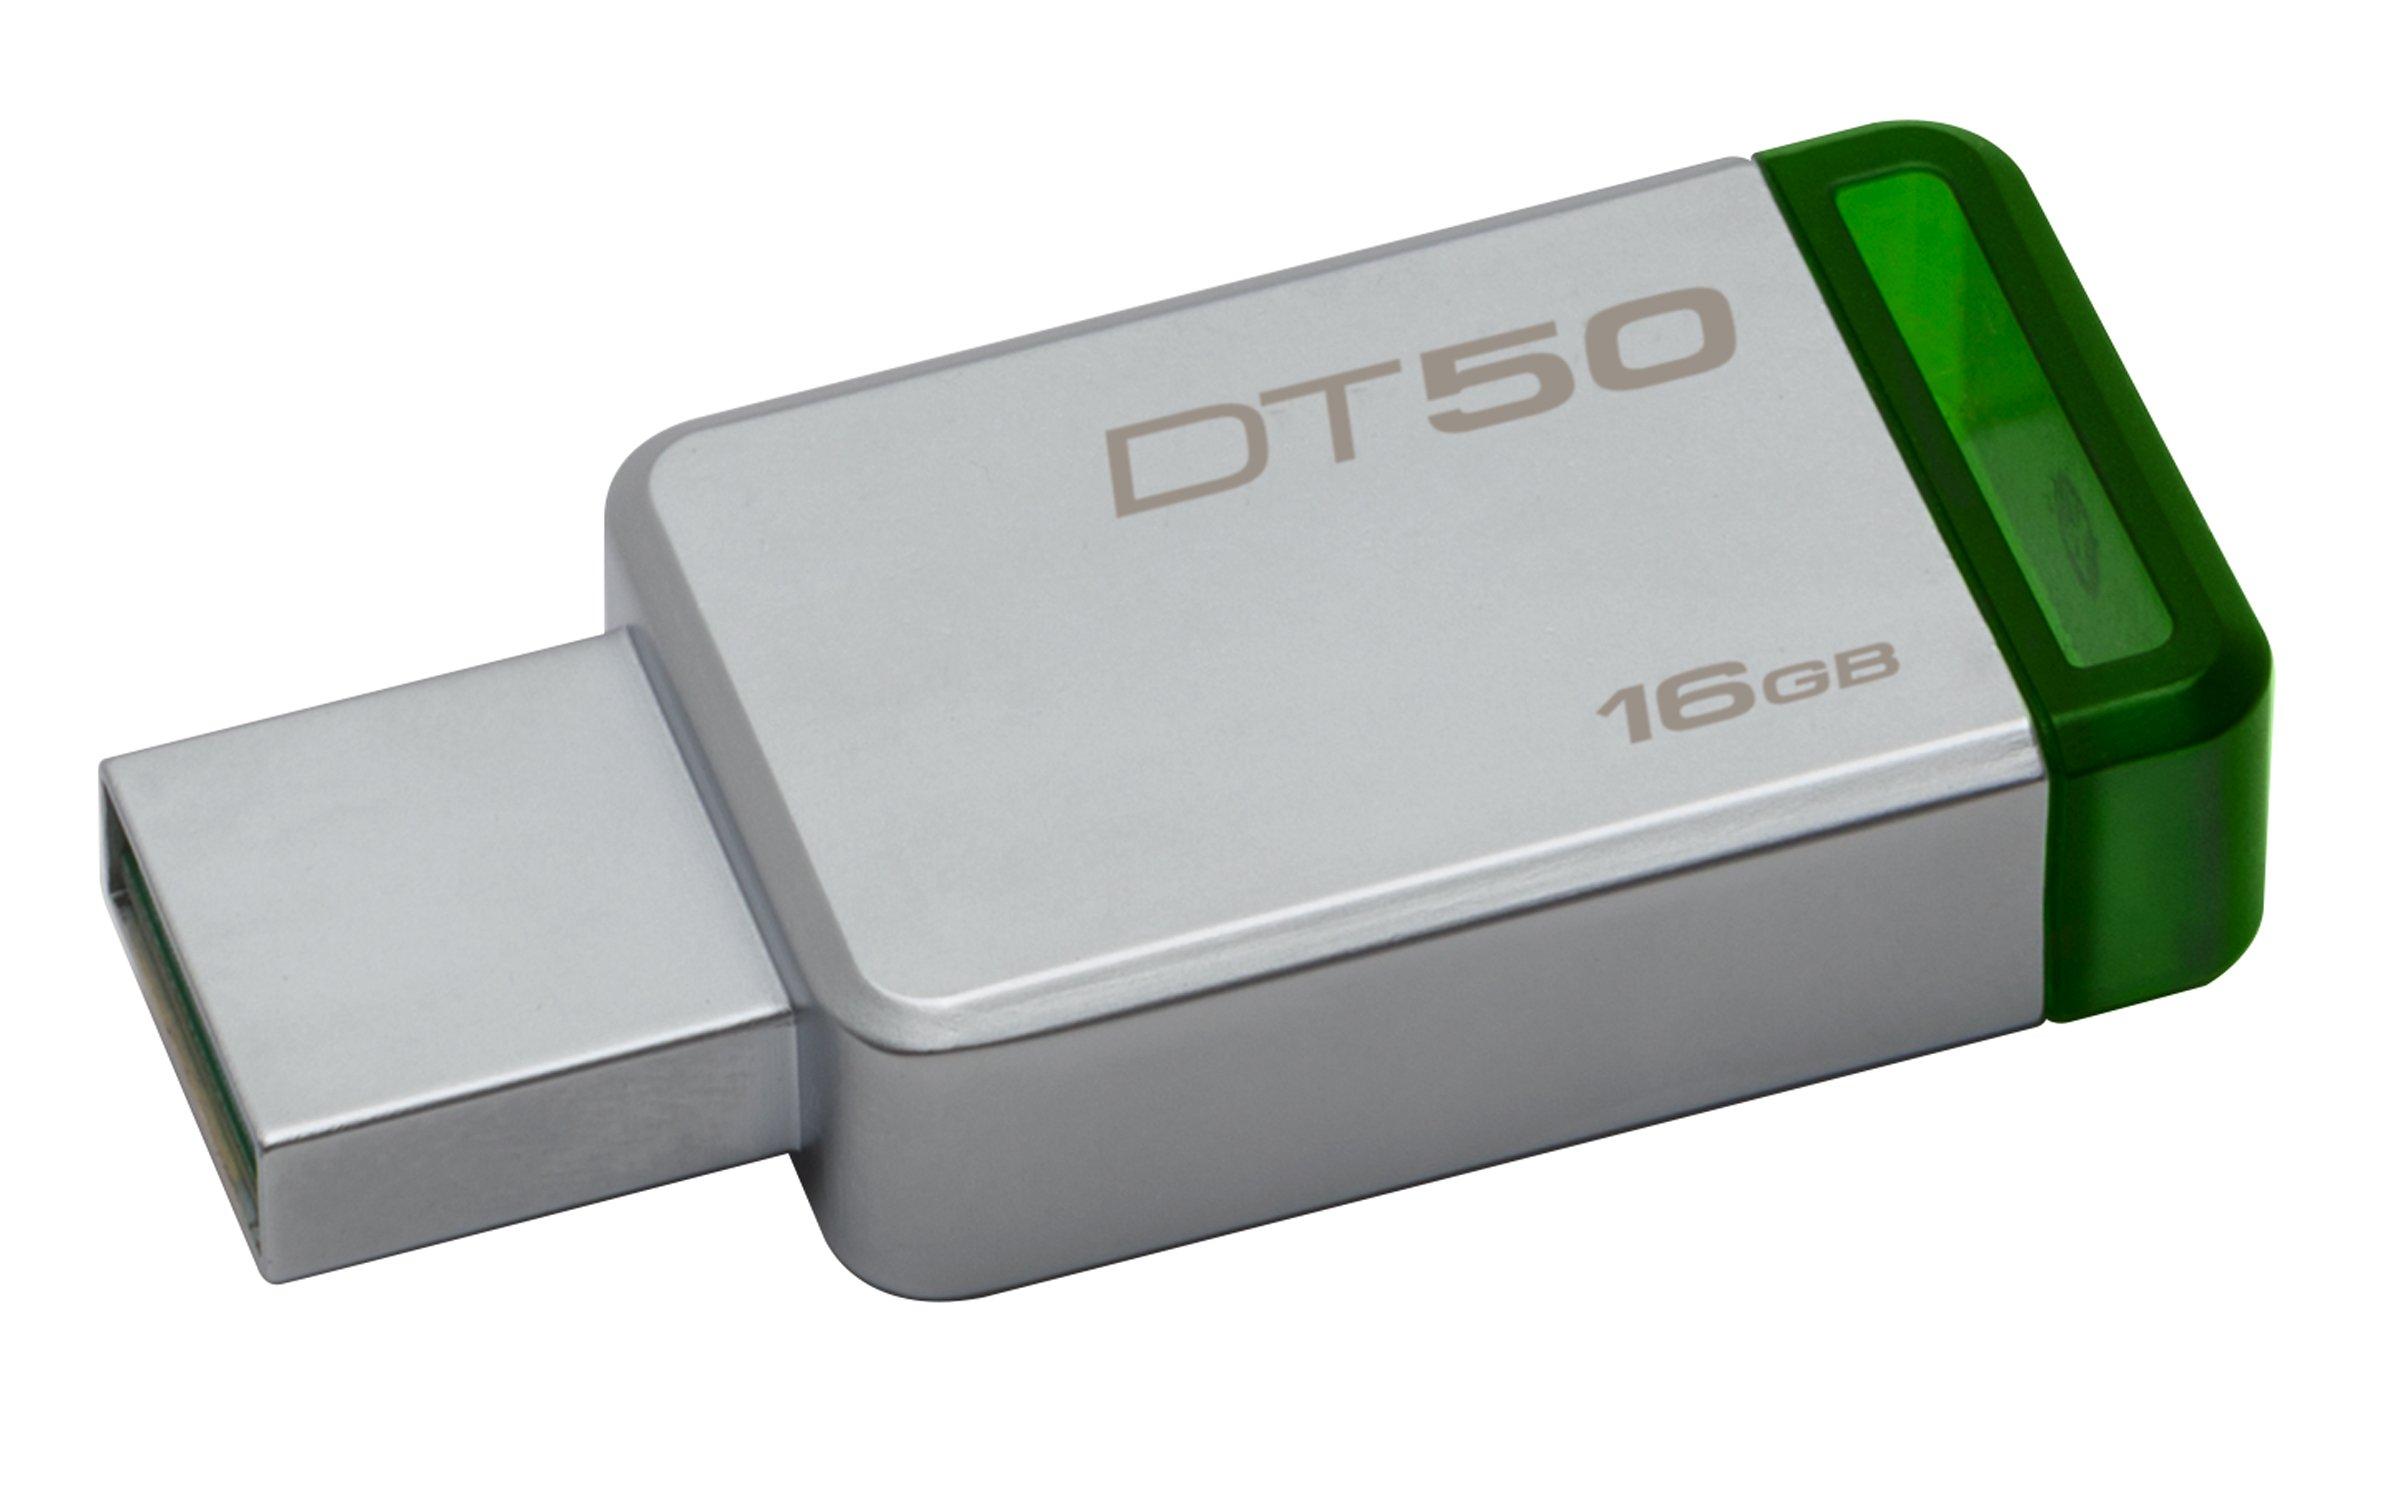 Kingston USBメモリ 16GB USB3.0 DataTraveler 50 DT50/16GB 5年保証